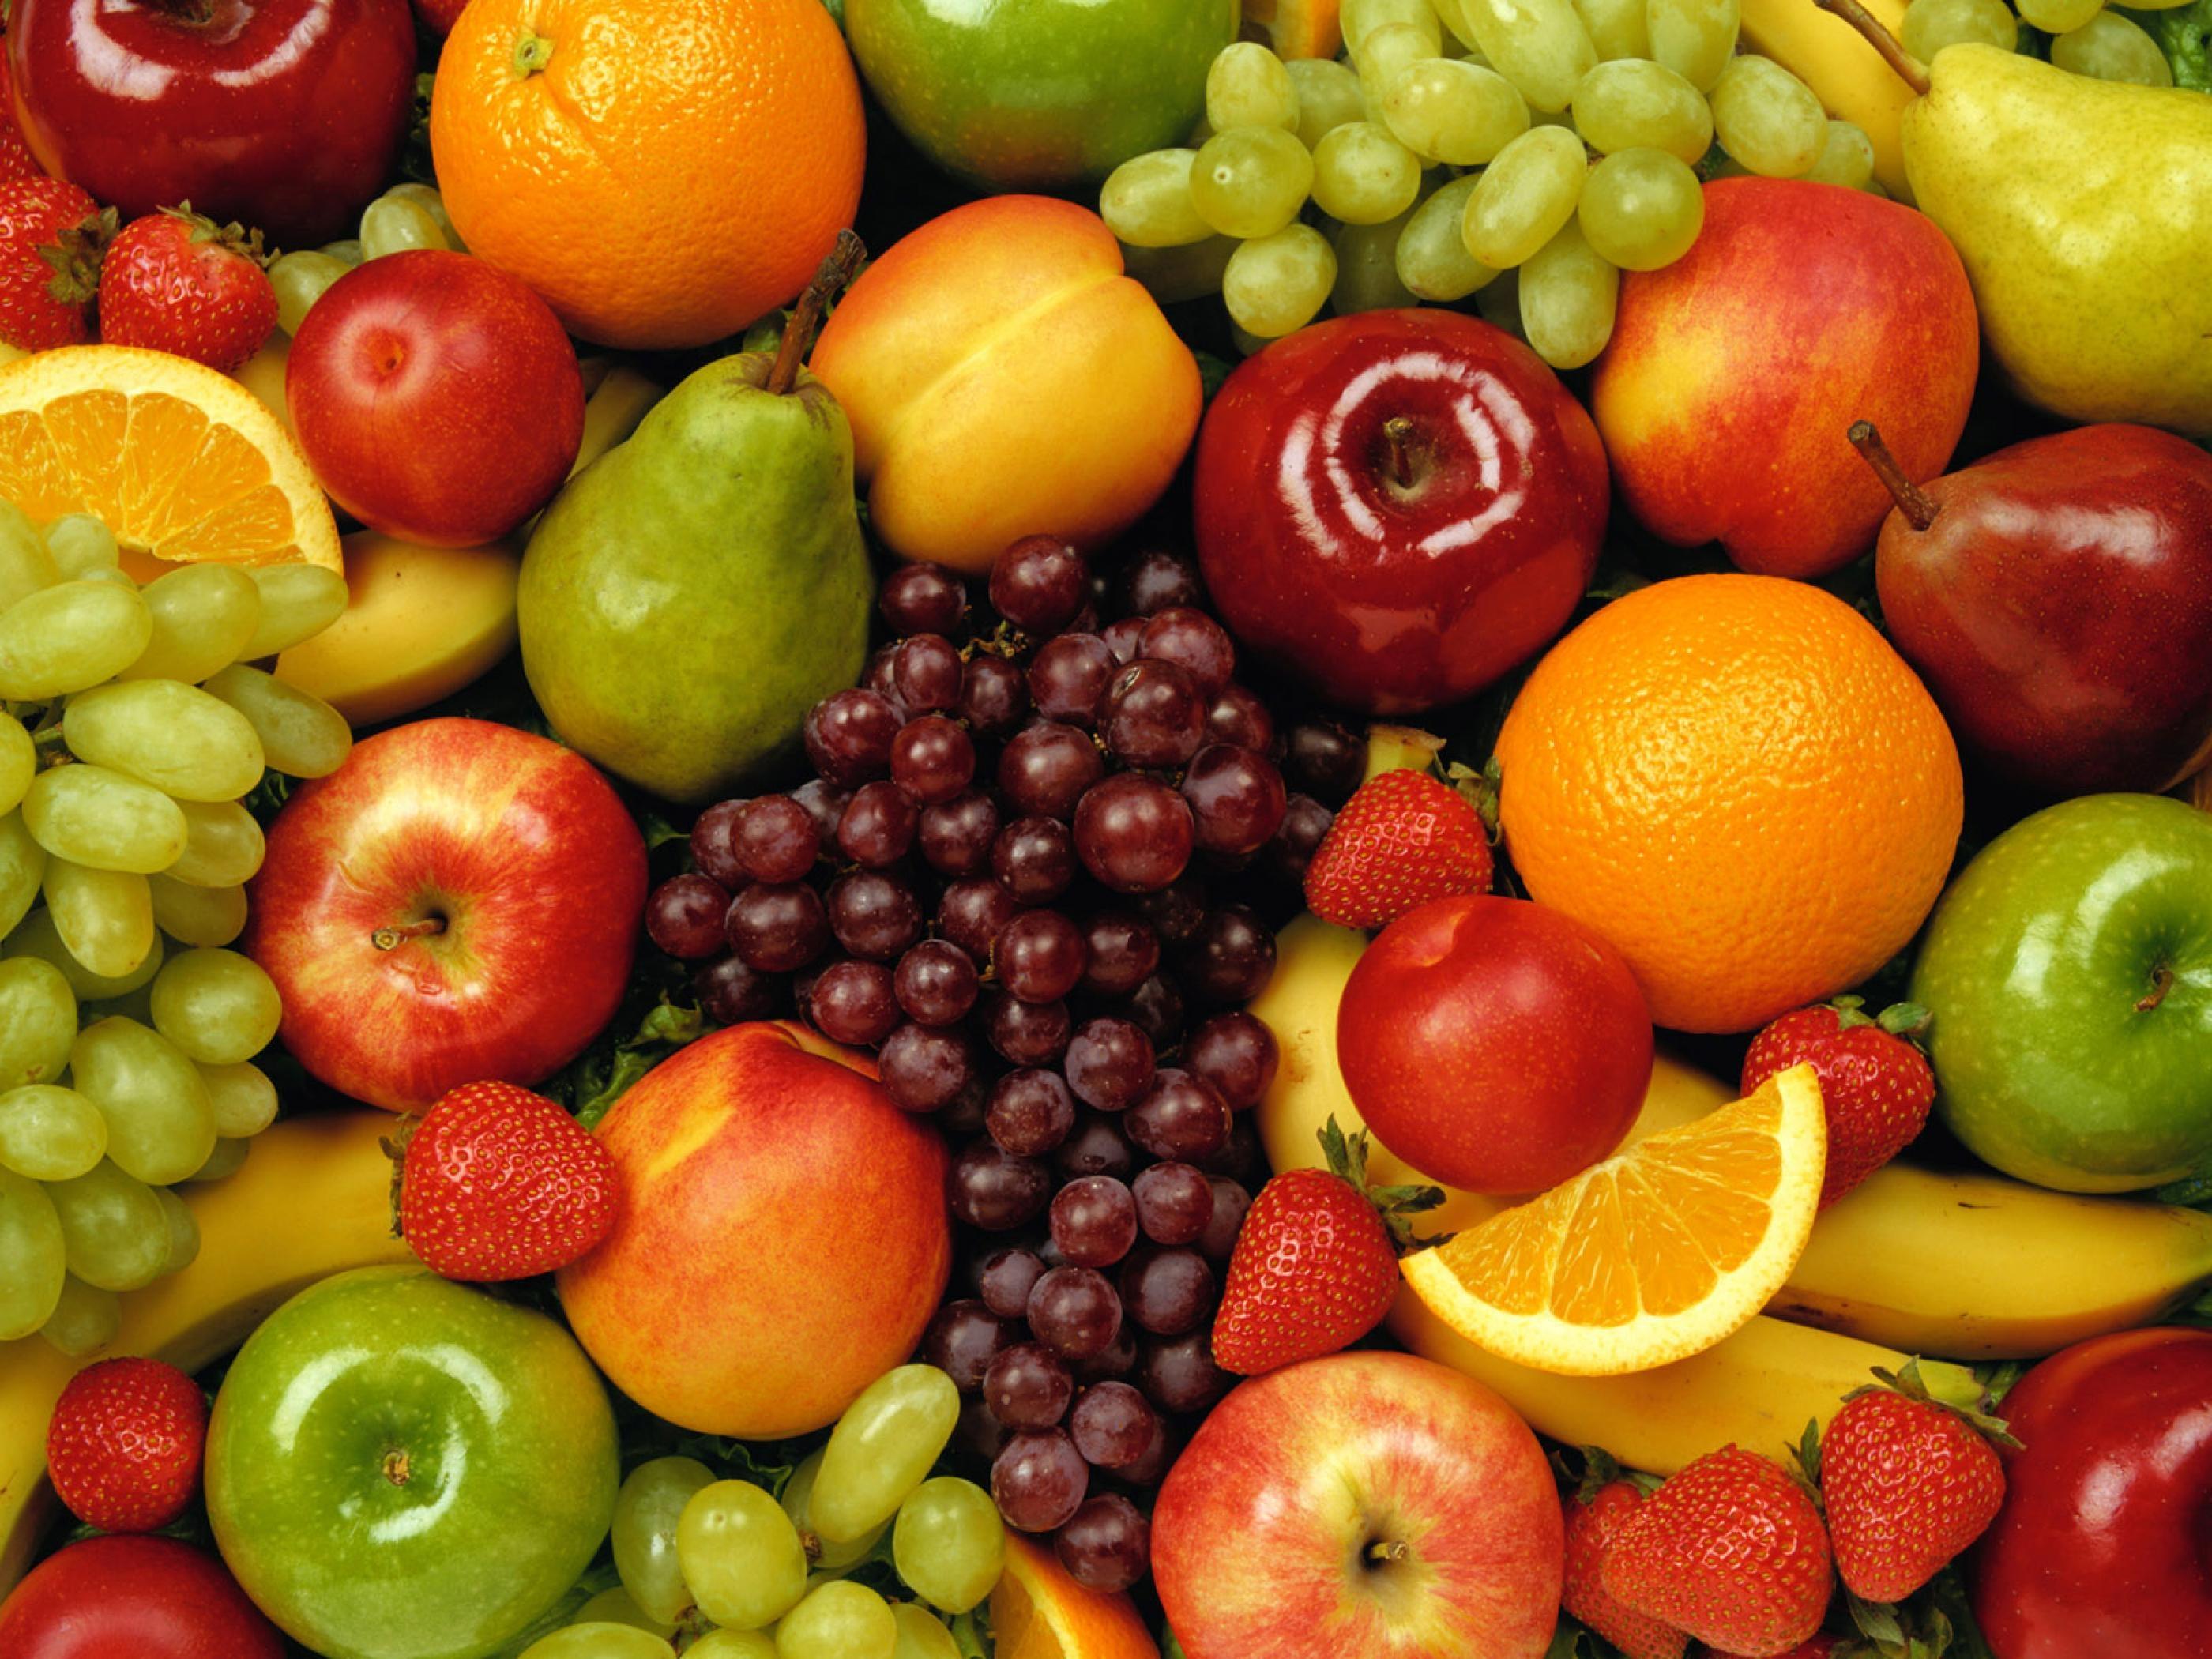 Intolerância à Frutose: Passei um ano tratando uma outra doença que eu não tinha